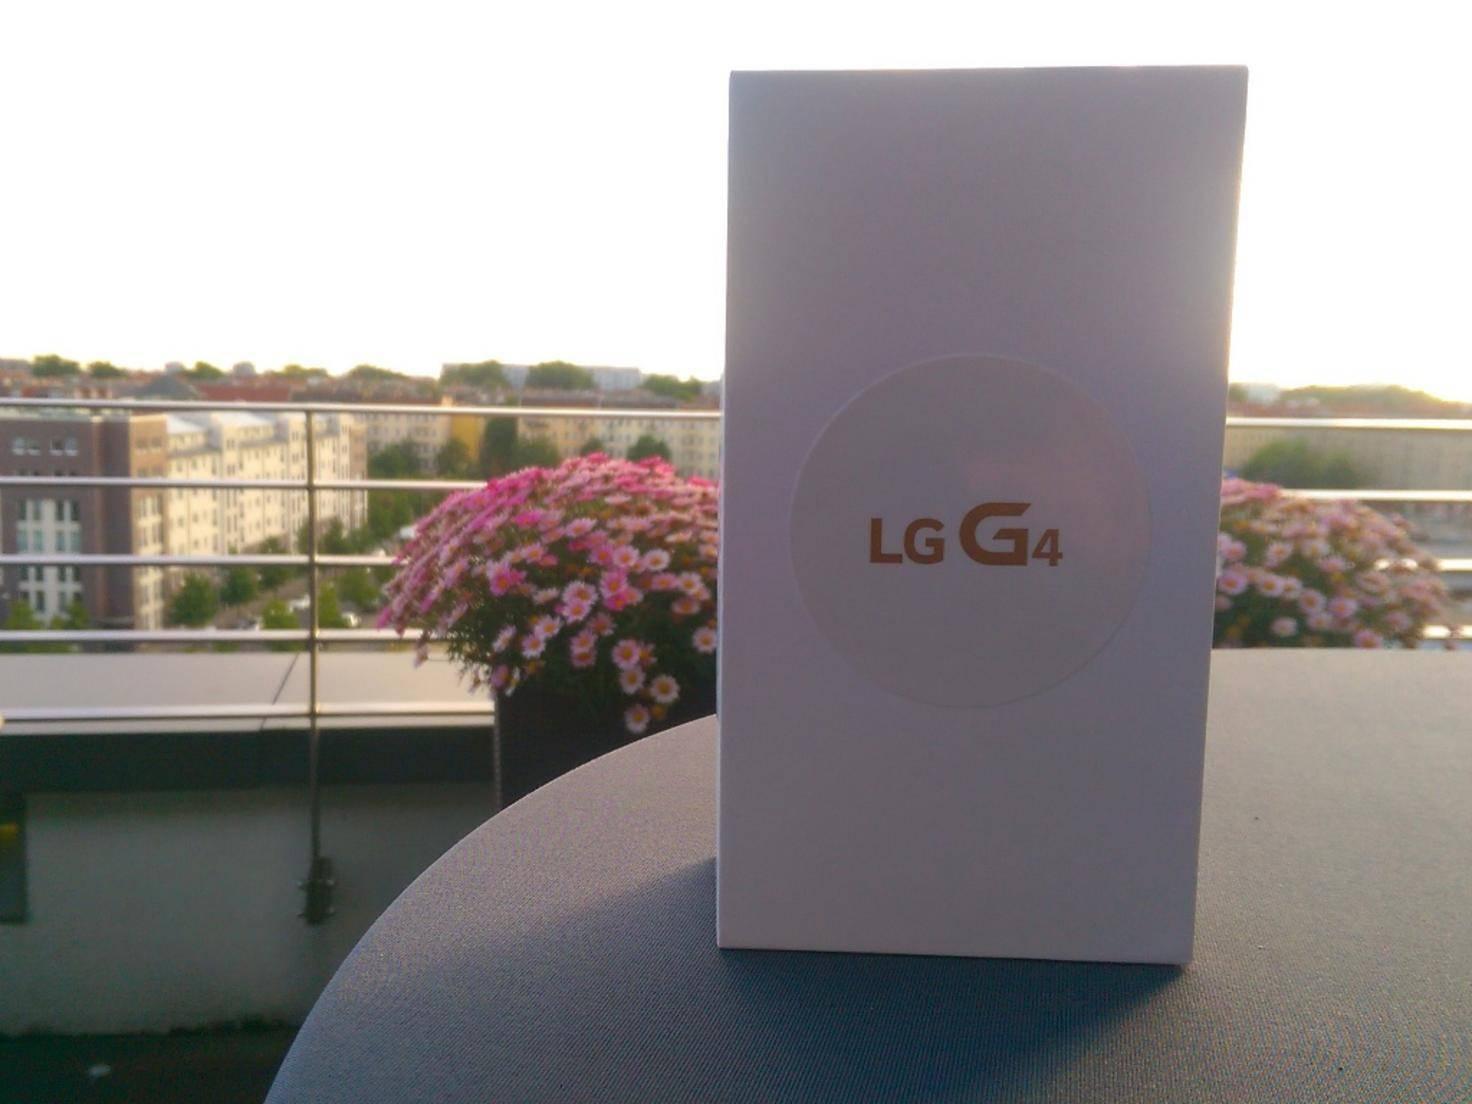 Weißer Karton in der Berliner Abendsonne: So wird das LG G4 ausgeliefert.